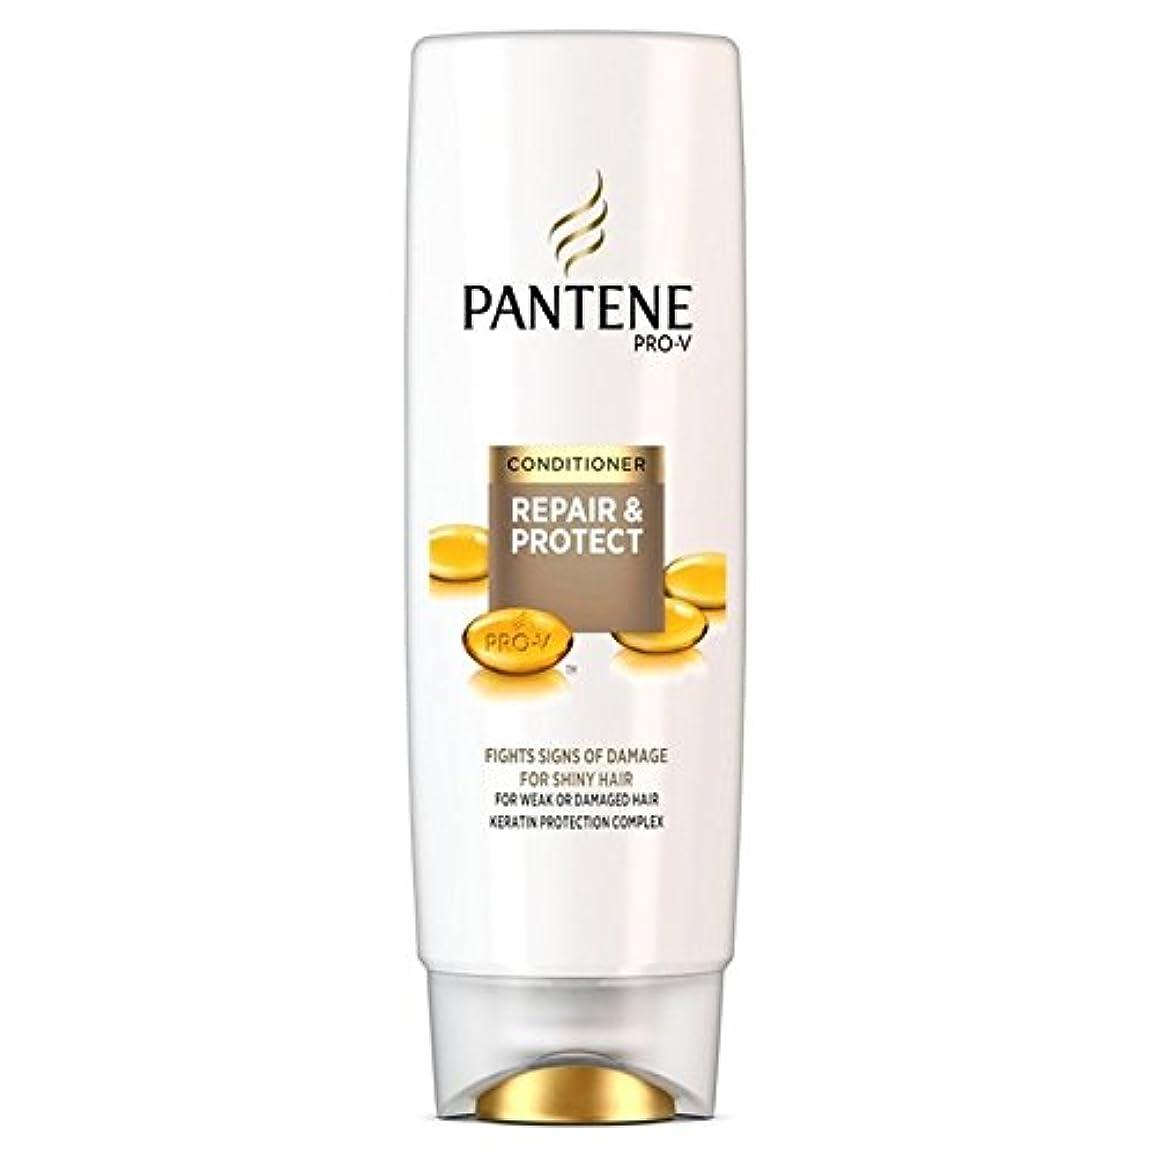 トラフィックマイルド浸透するパンテーンコンディショナーの修理&弱いか、傷んだ髪の250ミリリットルのための保護 x4 - Pantene Conditioner Repair & Protect For Weak Or Damaged Hair 250ml...